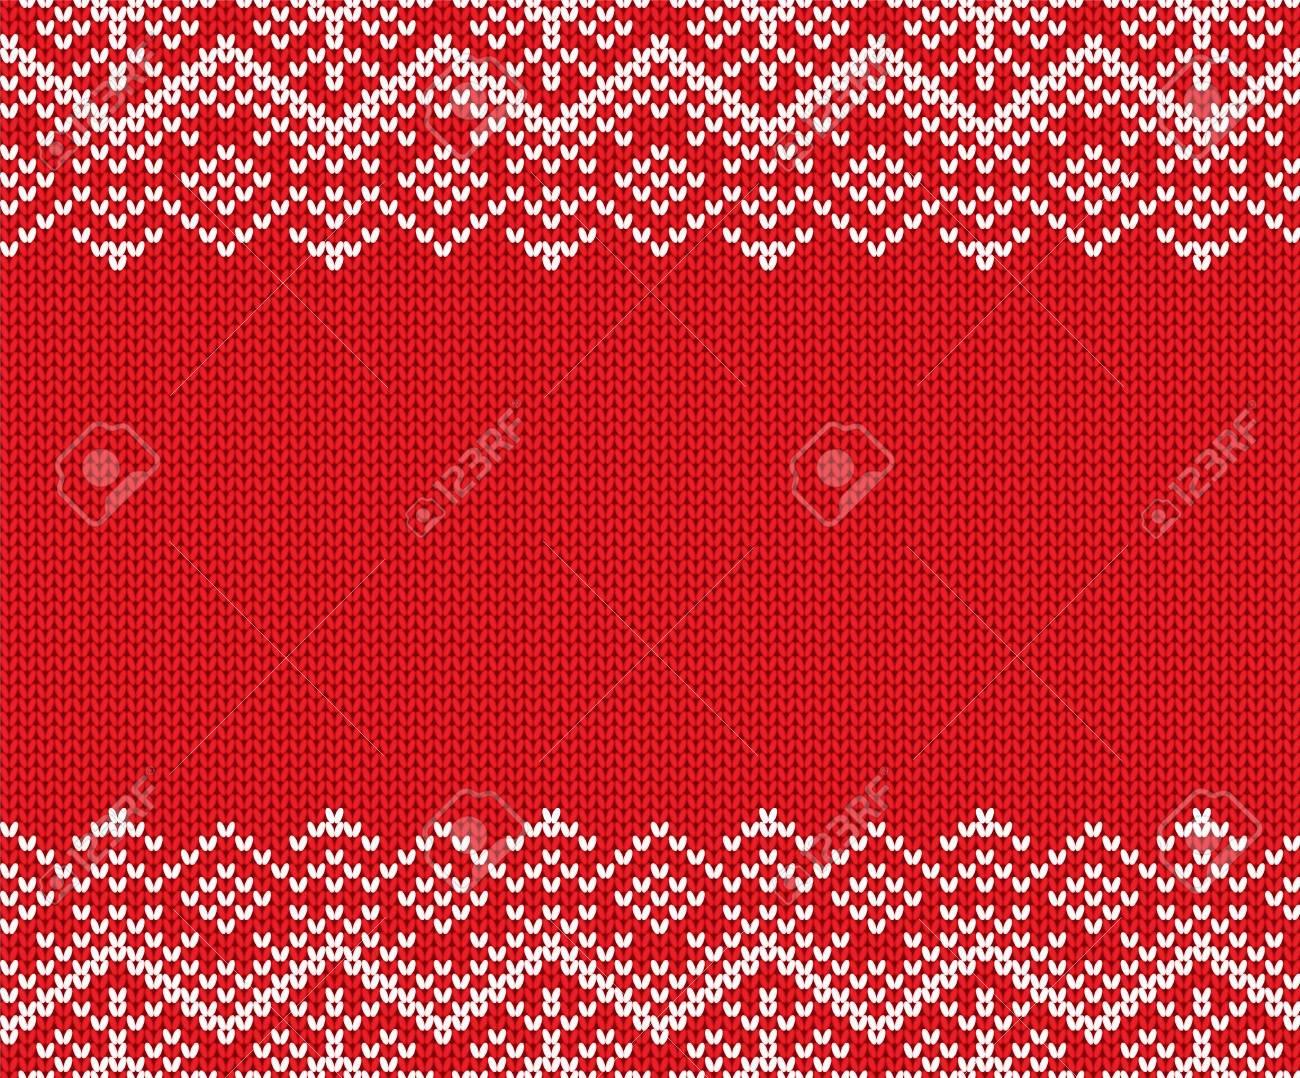 Tejer Navidad Ornamento Geométrico Diseño Con Espacio Vacío Para El ...